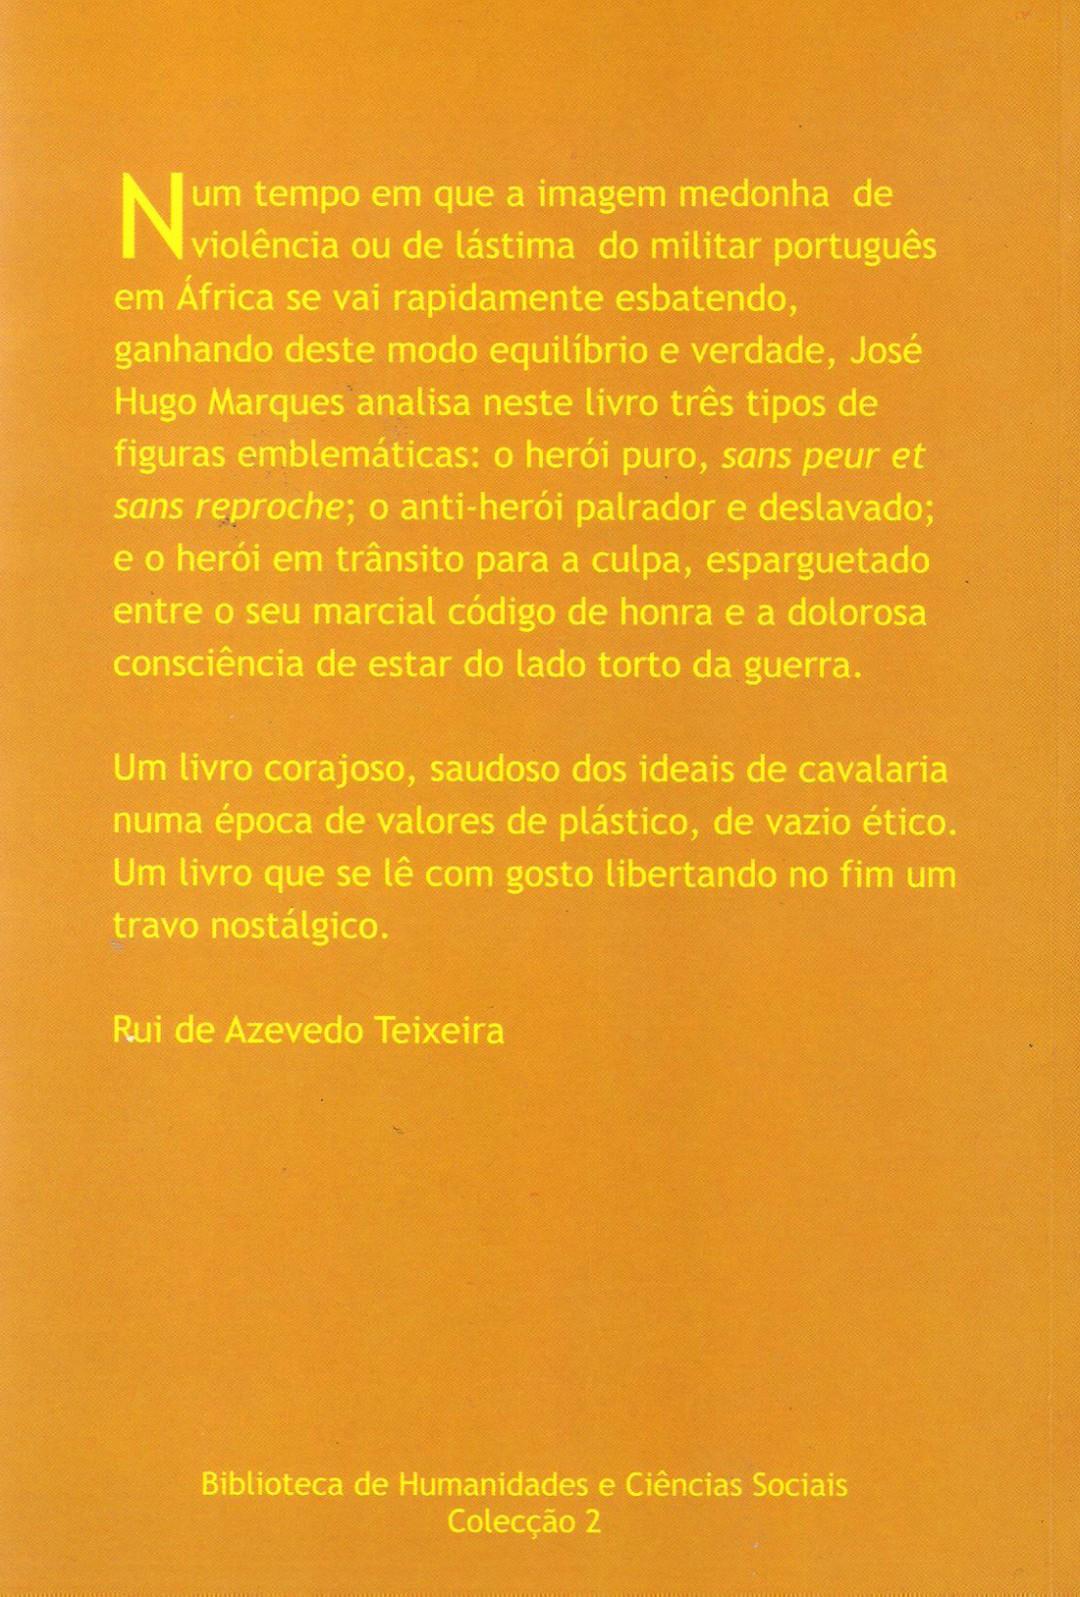 6. O Herói Militar Português Em África